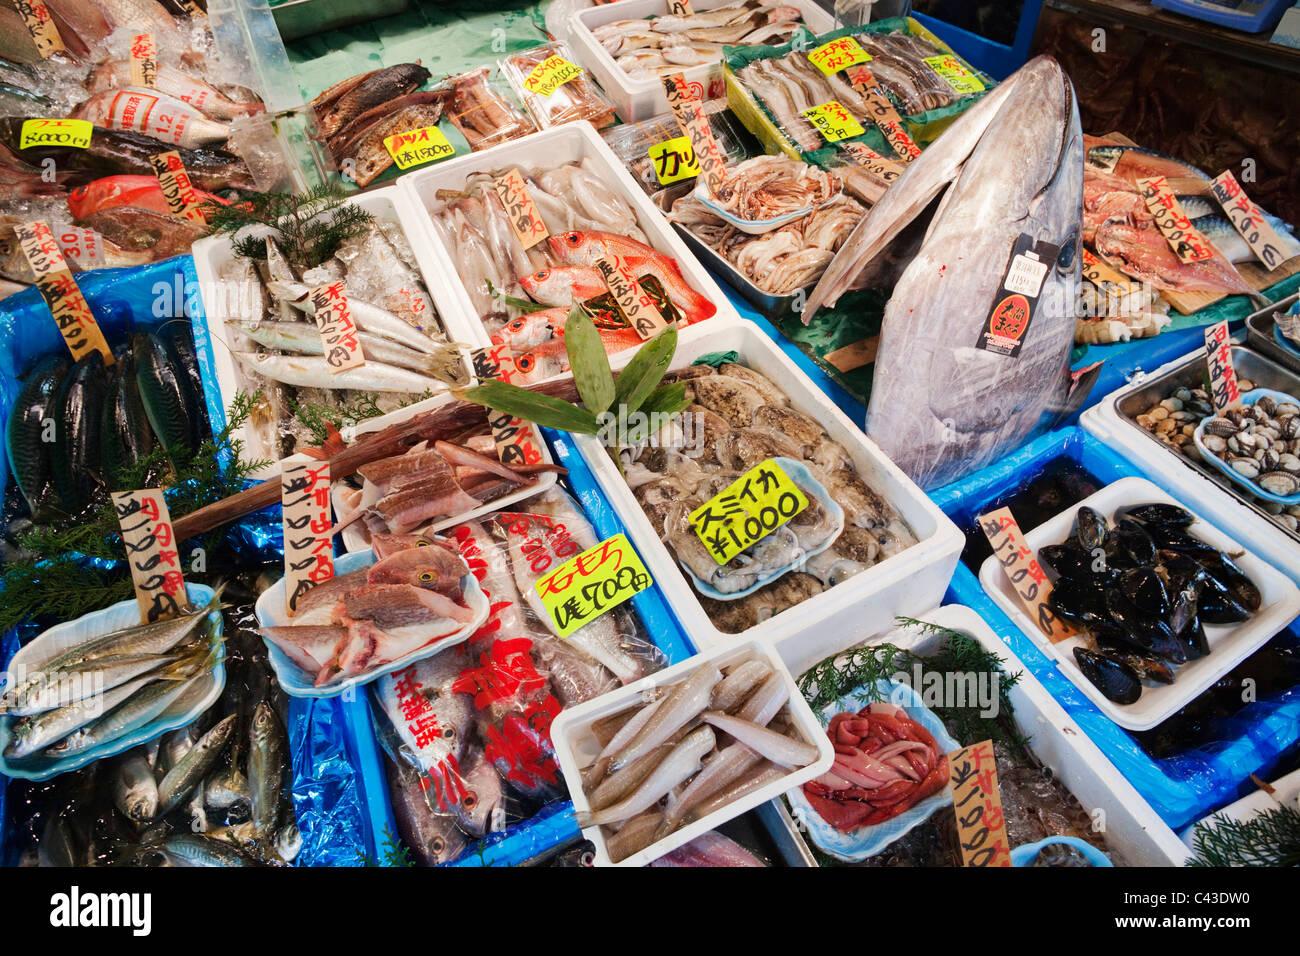 Asia japan honshu tokyo tsukiji fish market seafood for Japan fish market